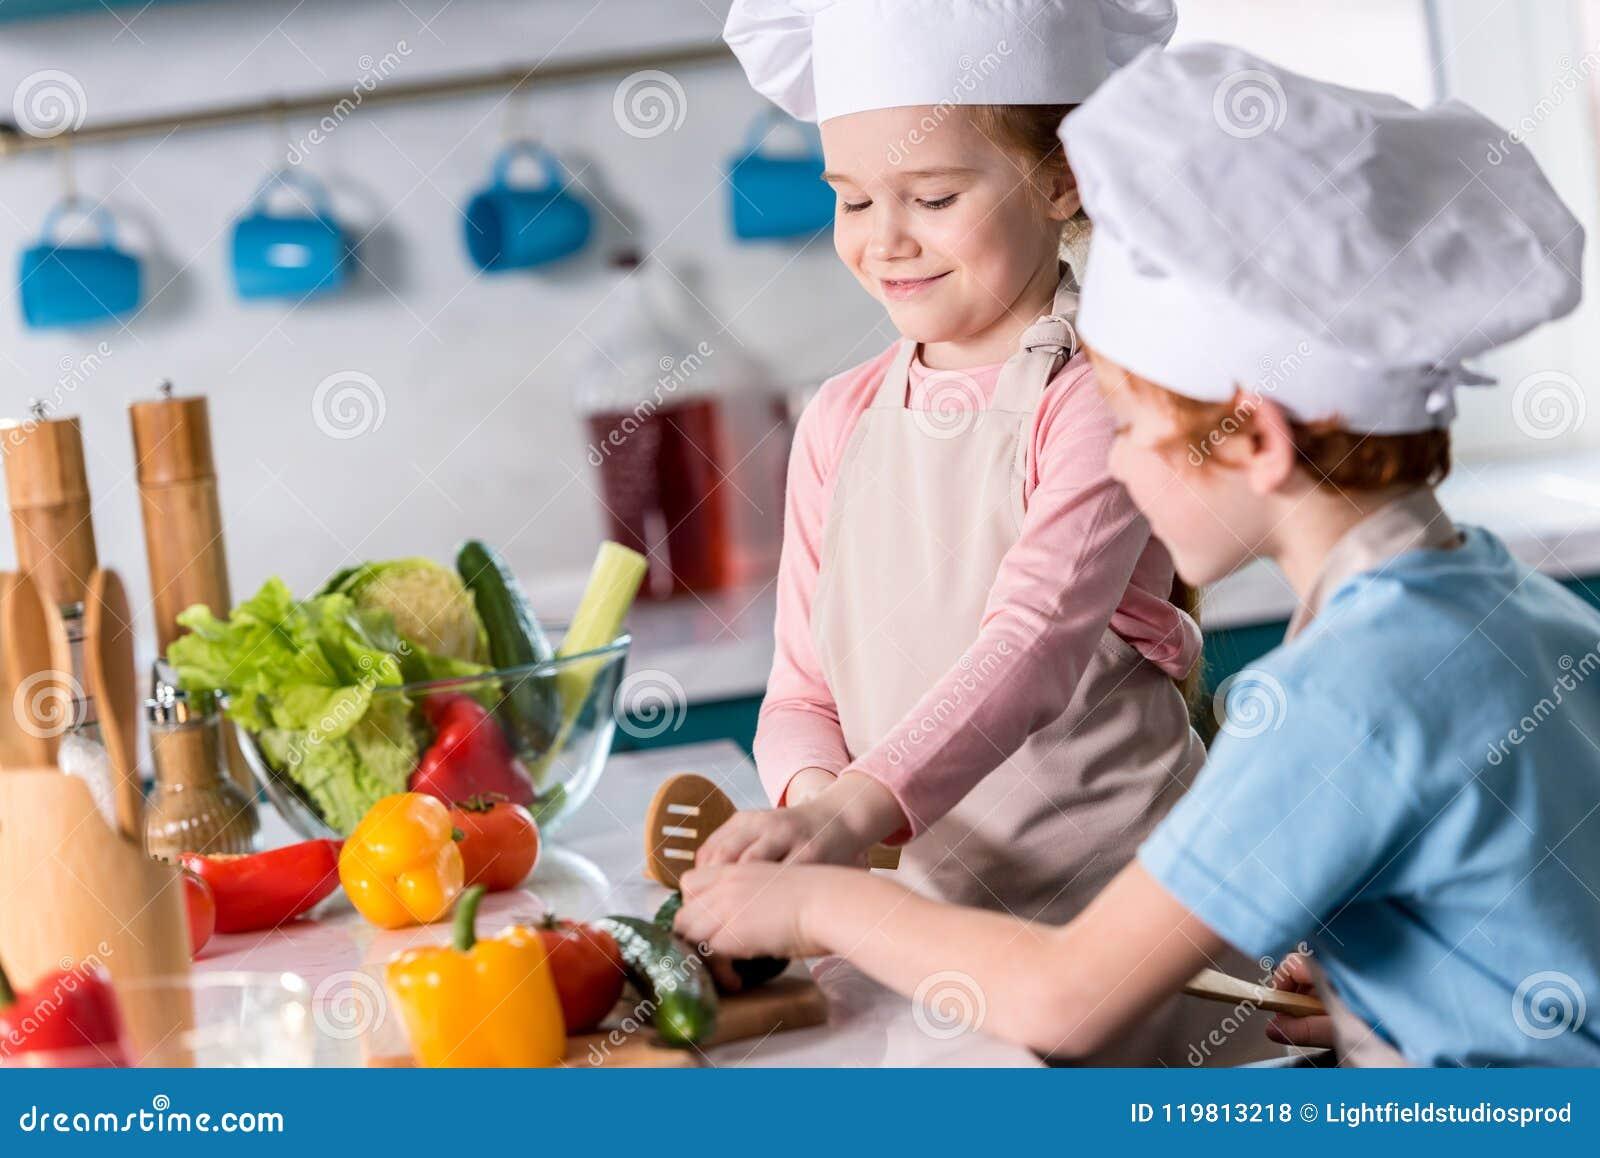 一起准备菜沙拉的厨师帽子的逗人喜爱的小孩